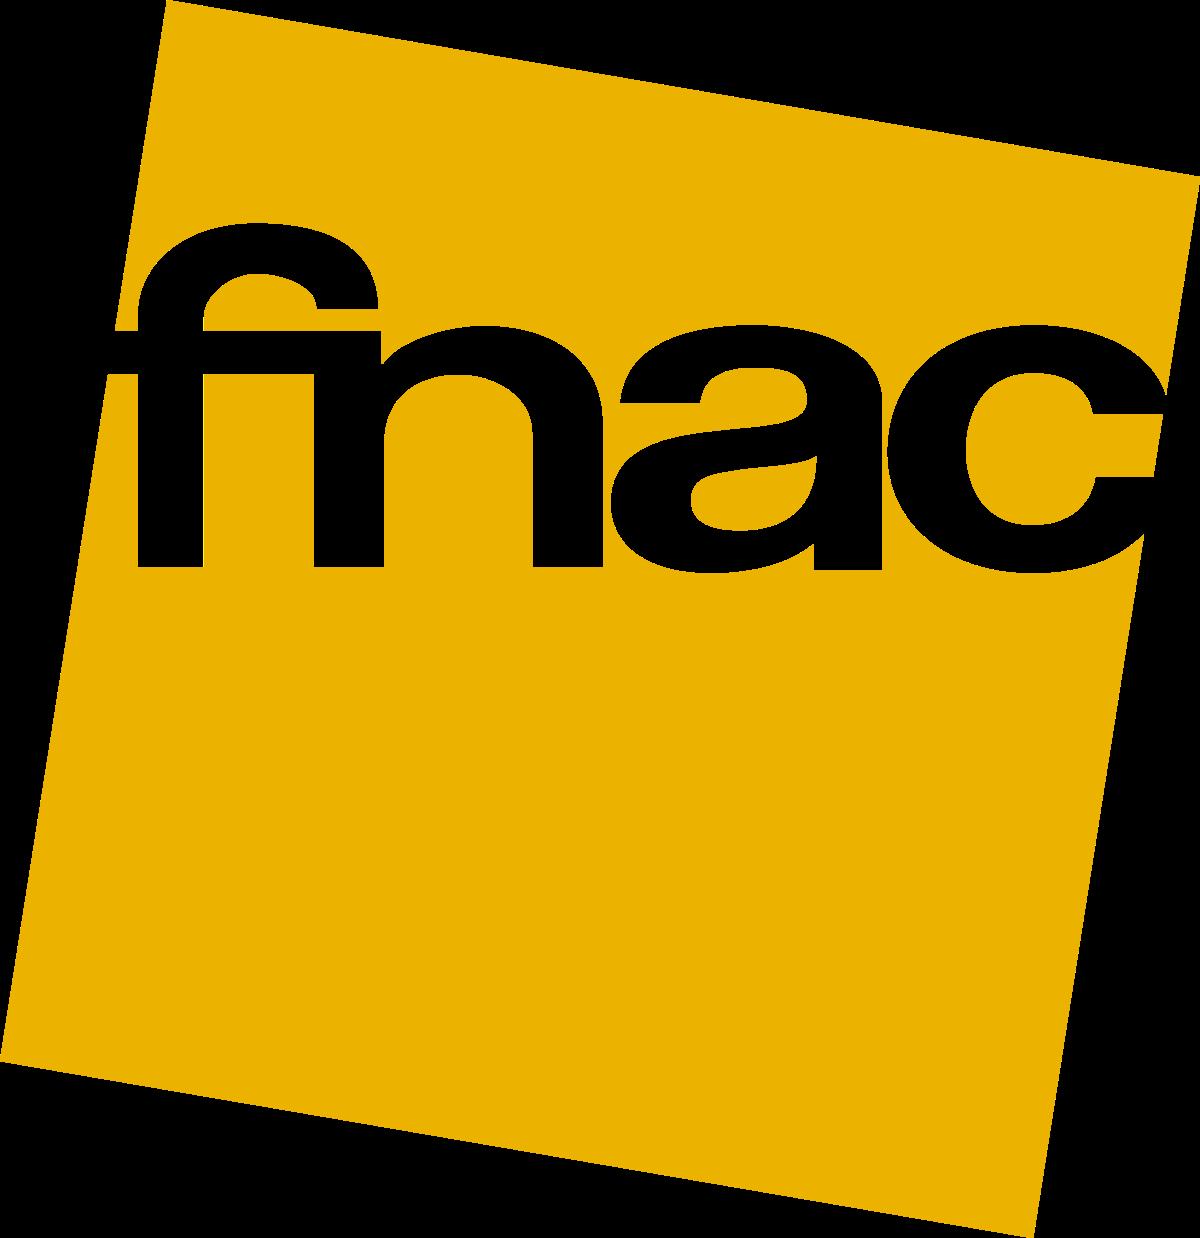 Code promo Fnac : [Adhérents] 10€ offerts en chèque cadeau dès 50€ d'achat ou 50€ dès 300€